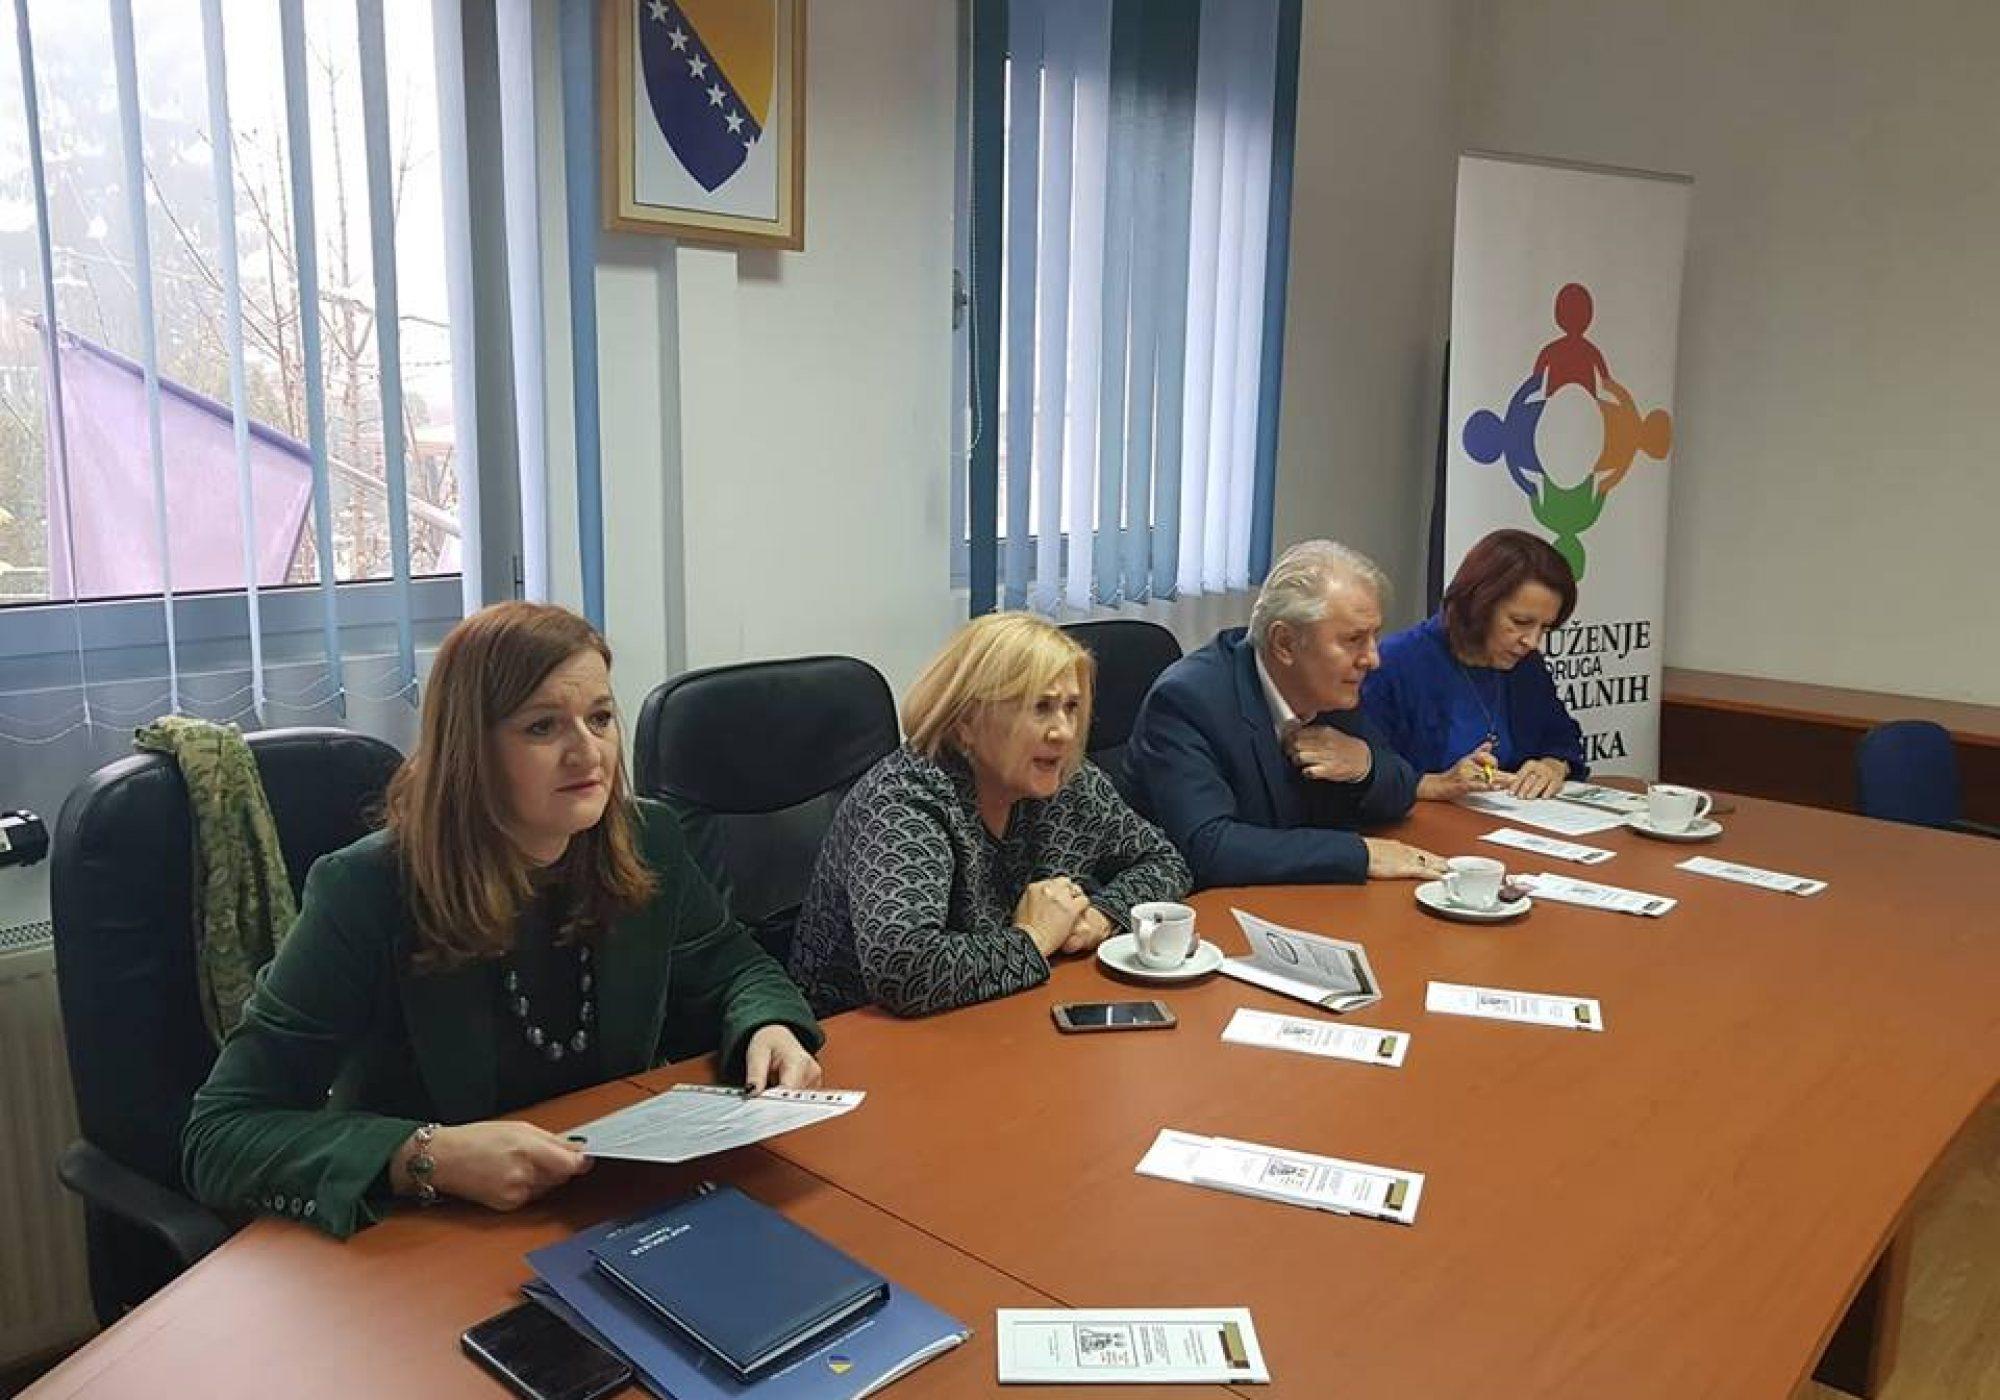 """Održana edukacija u okviru projekta """"Pristupnim rampama ka osnaživanju i poboljšanju kvaliteta života u lokalnim zajednicama osoba s invaliditetom SBK/KSB"""""""